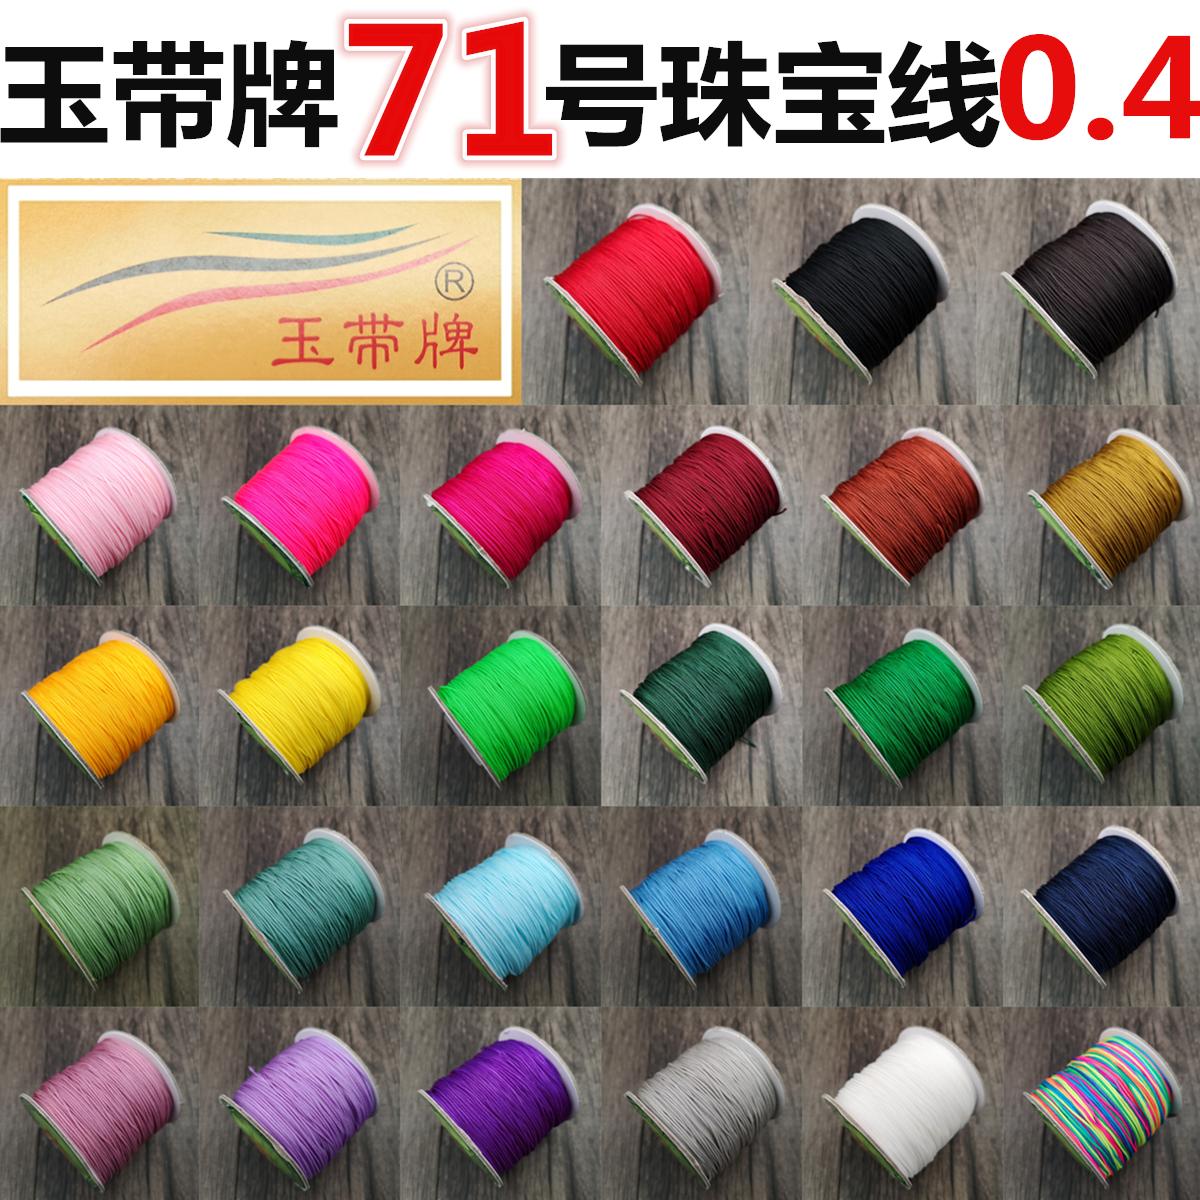 玉带牌71号特细台湾玉线0.4mm珠宝线串珠线diy手工编织线材料批发